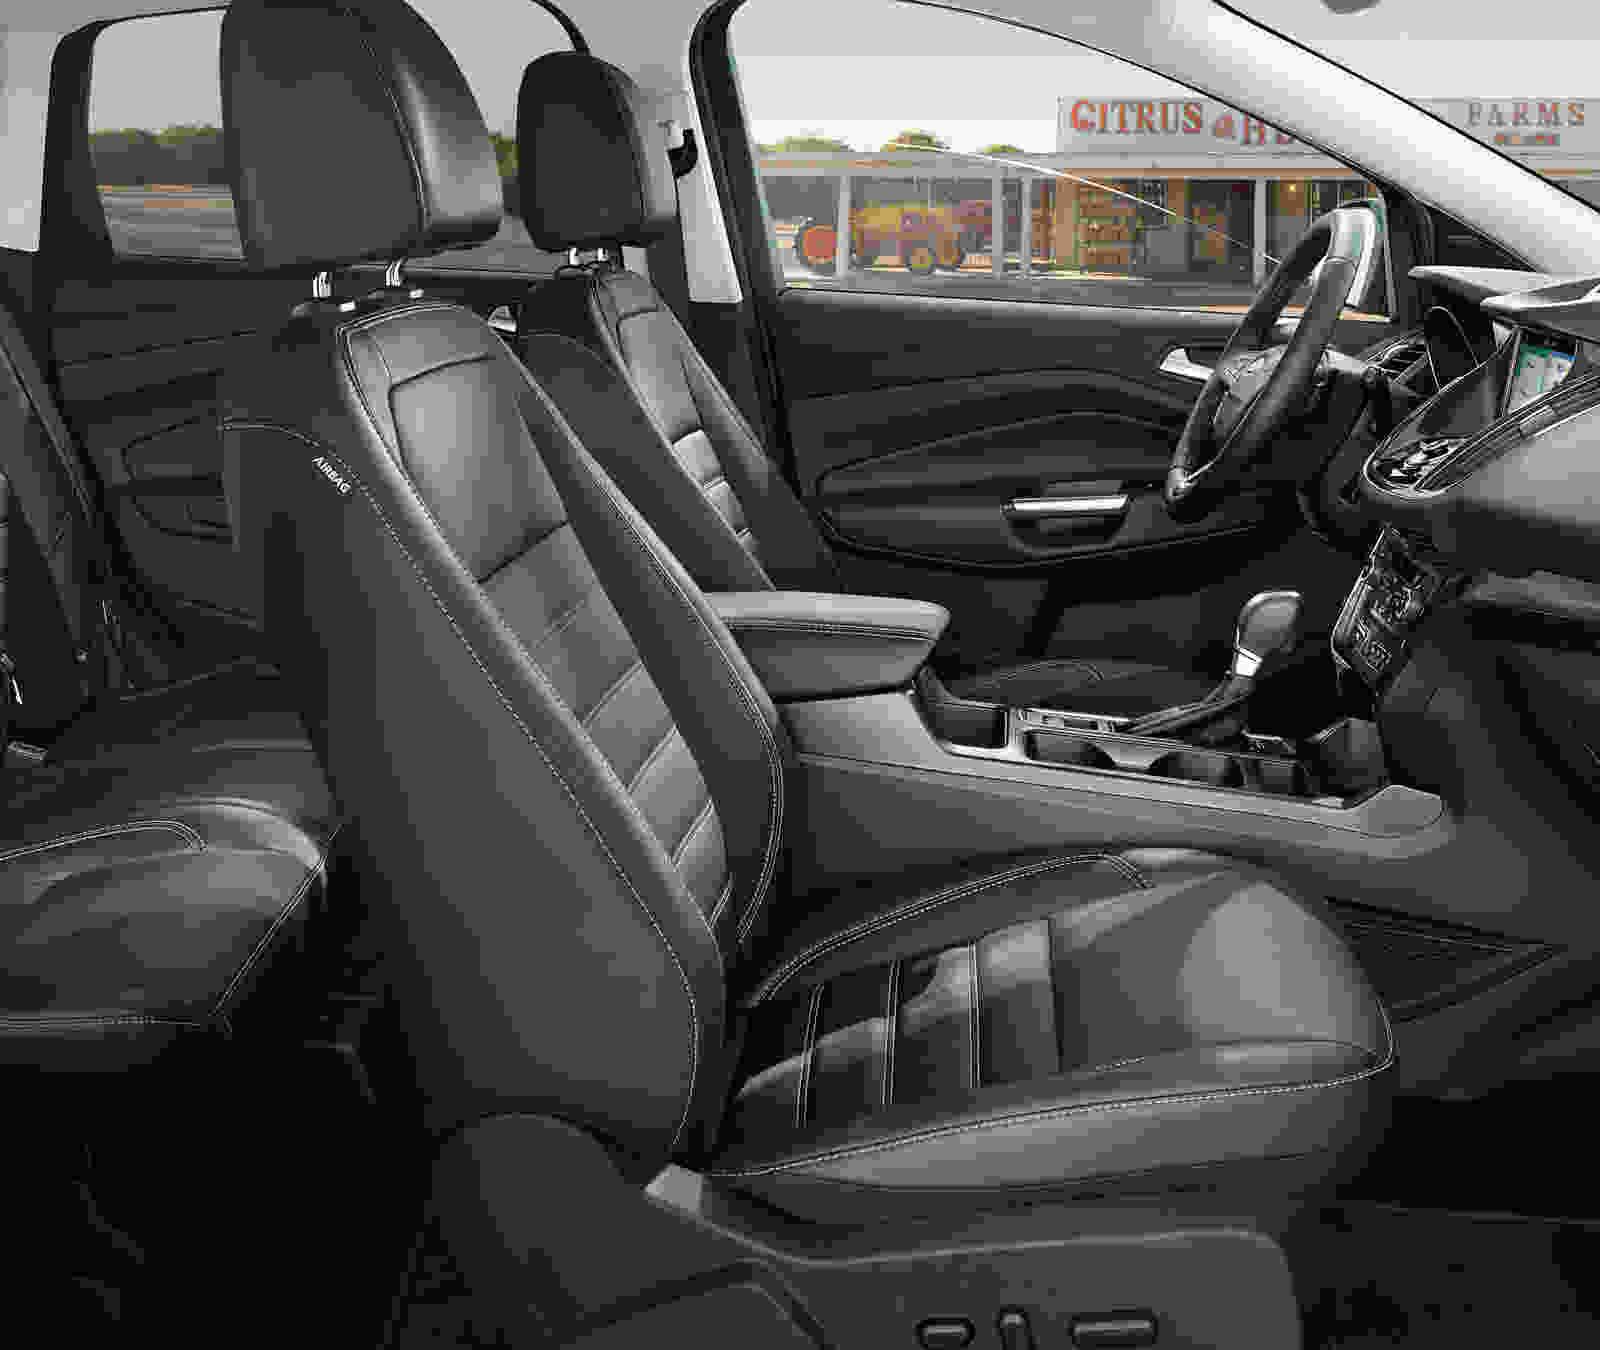 2019-Escape-Titanium-passenger-side-interior_udqdk7